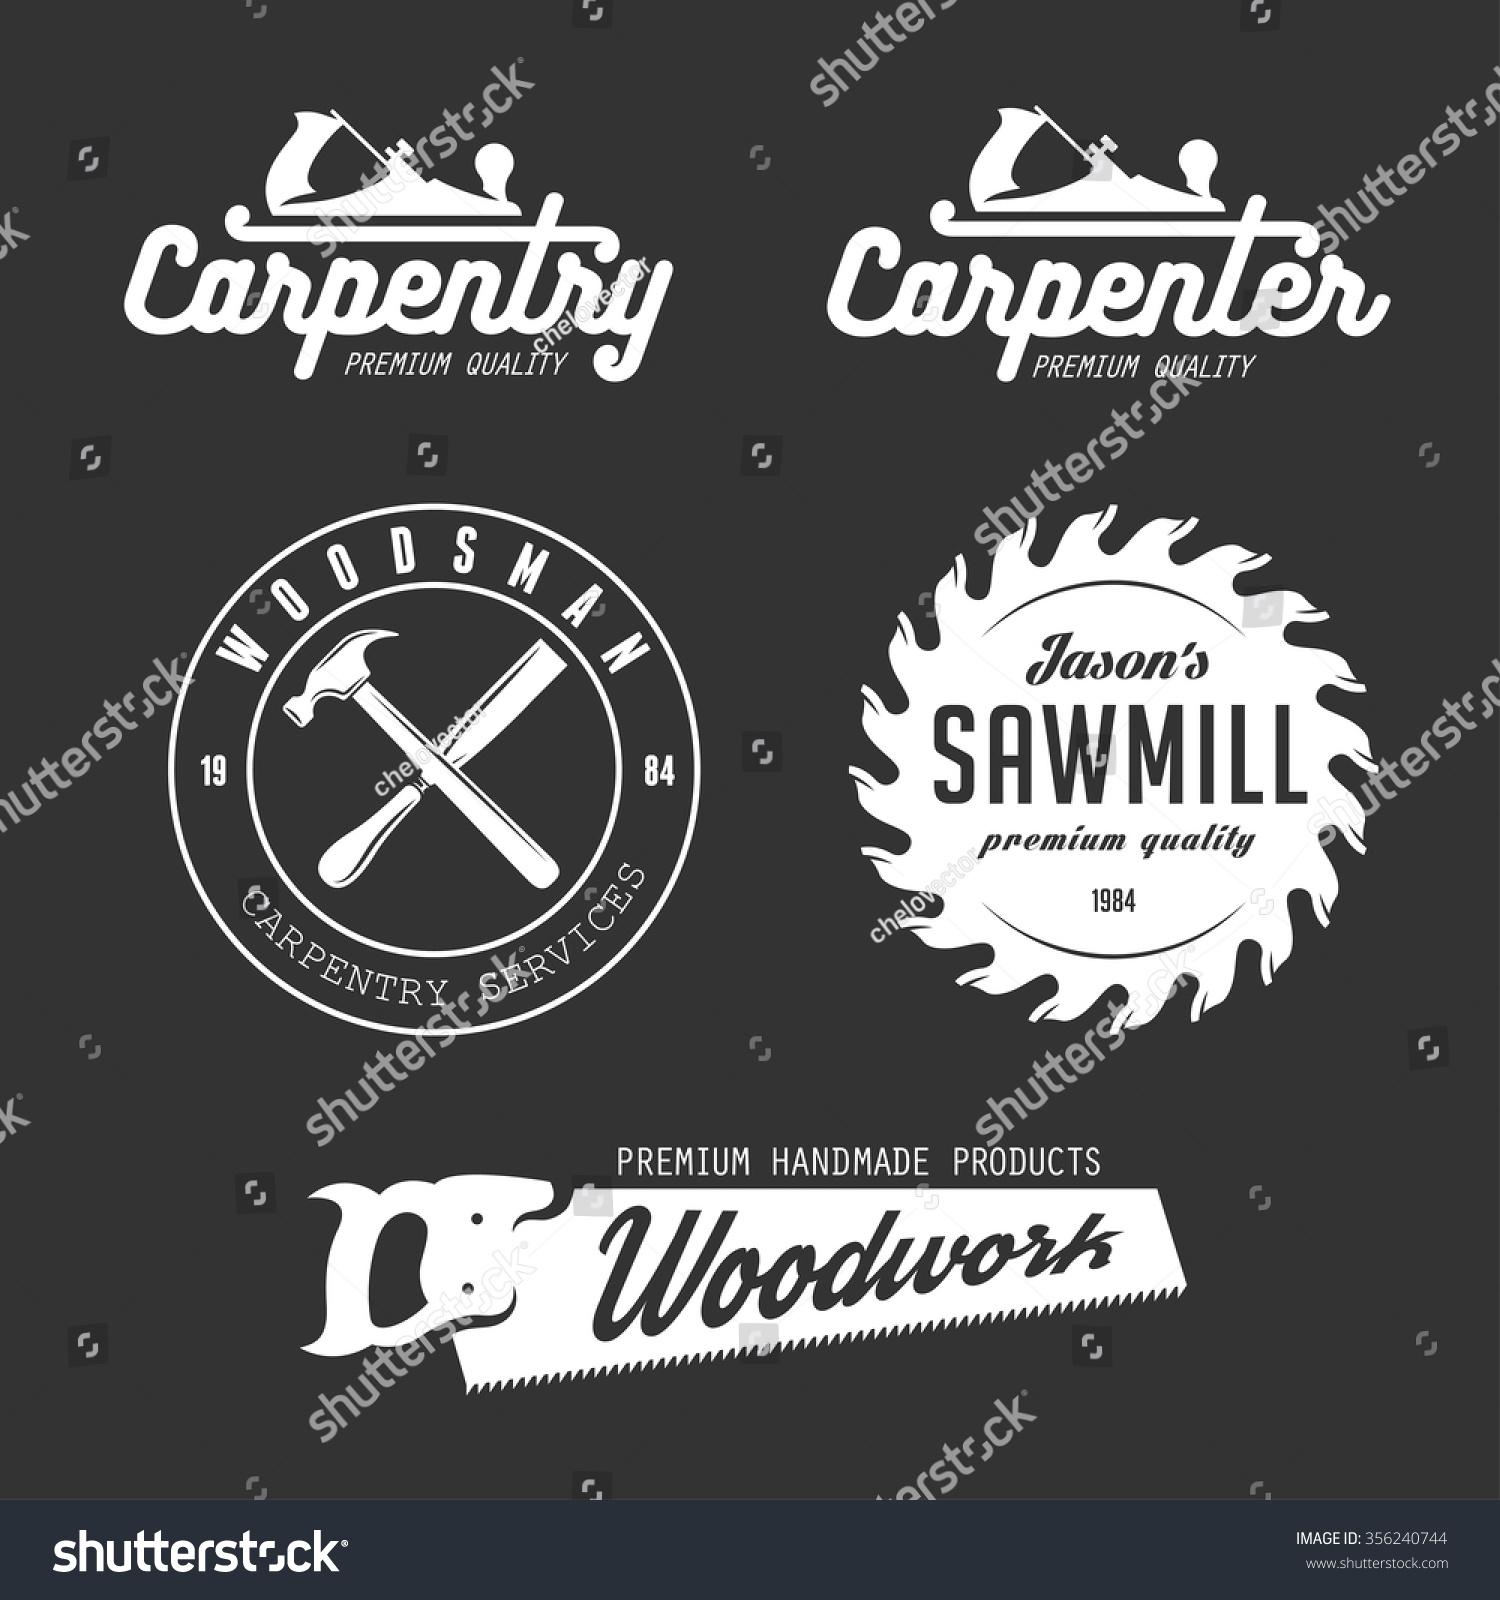 Shirt design elements - Carpenter Design Elements In Vintage Style For Logo Label Badge T Shirts